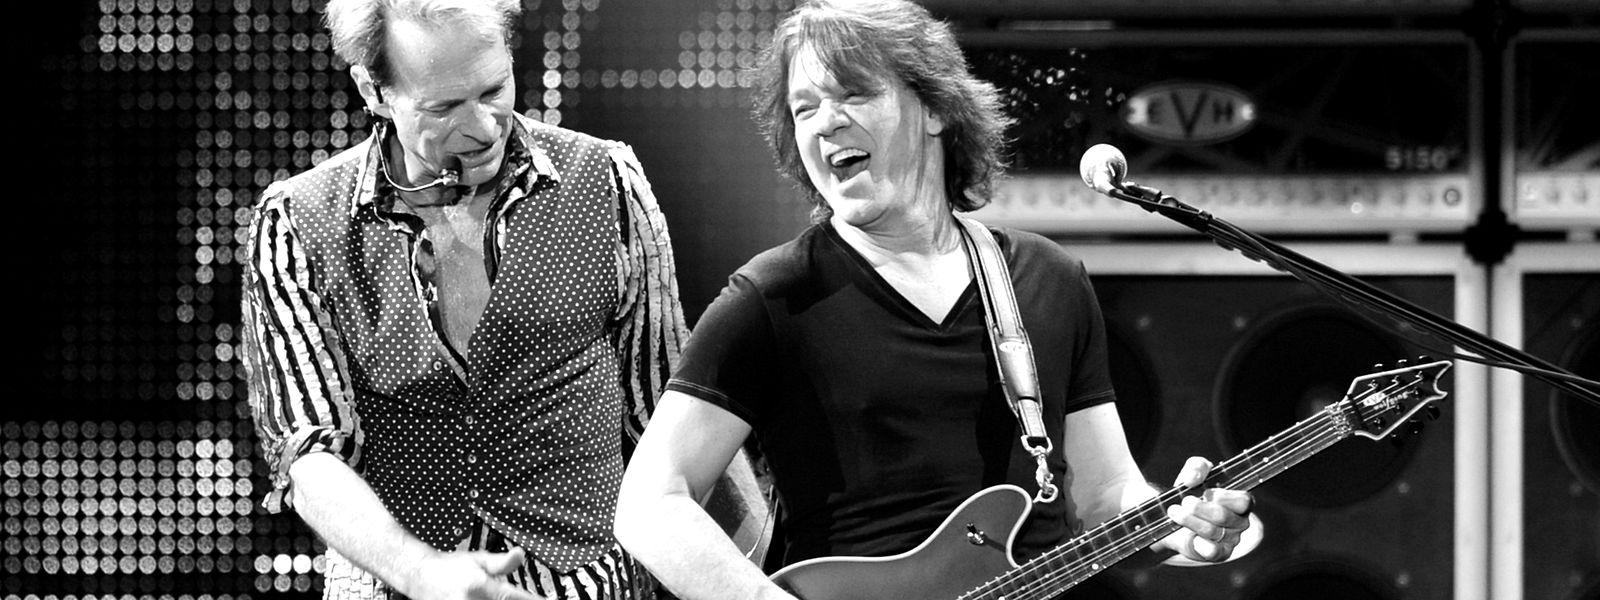 Eddie Van Halen (r.) mit dem langjährigen Van-Halen-Sänger David Lee Roth im Jahr 2012.